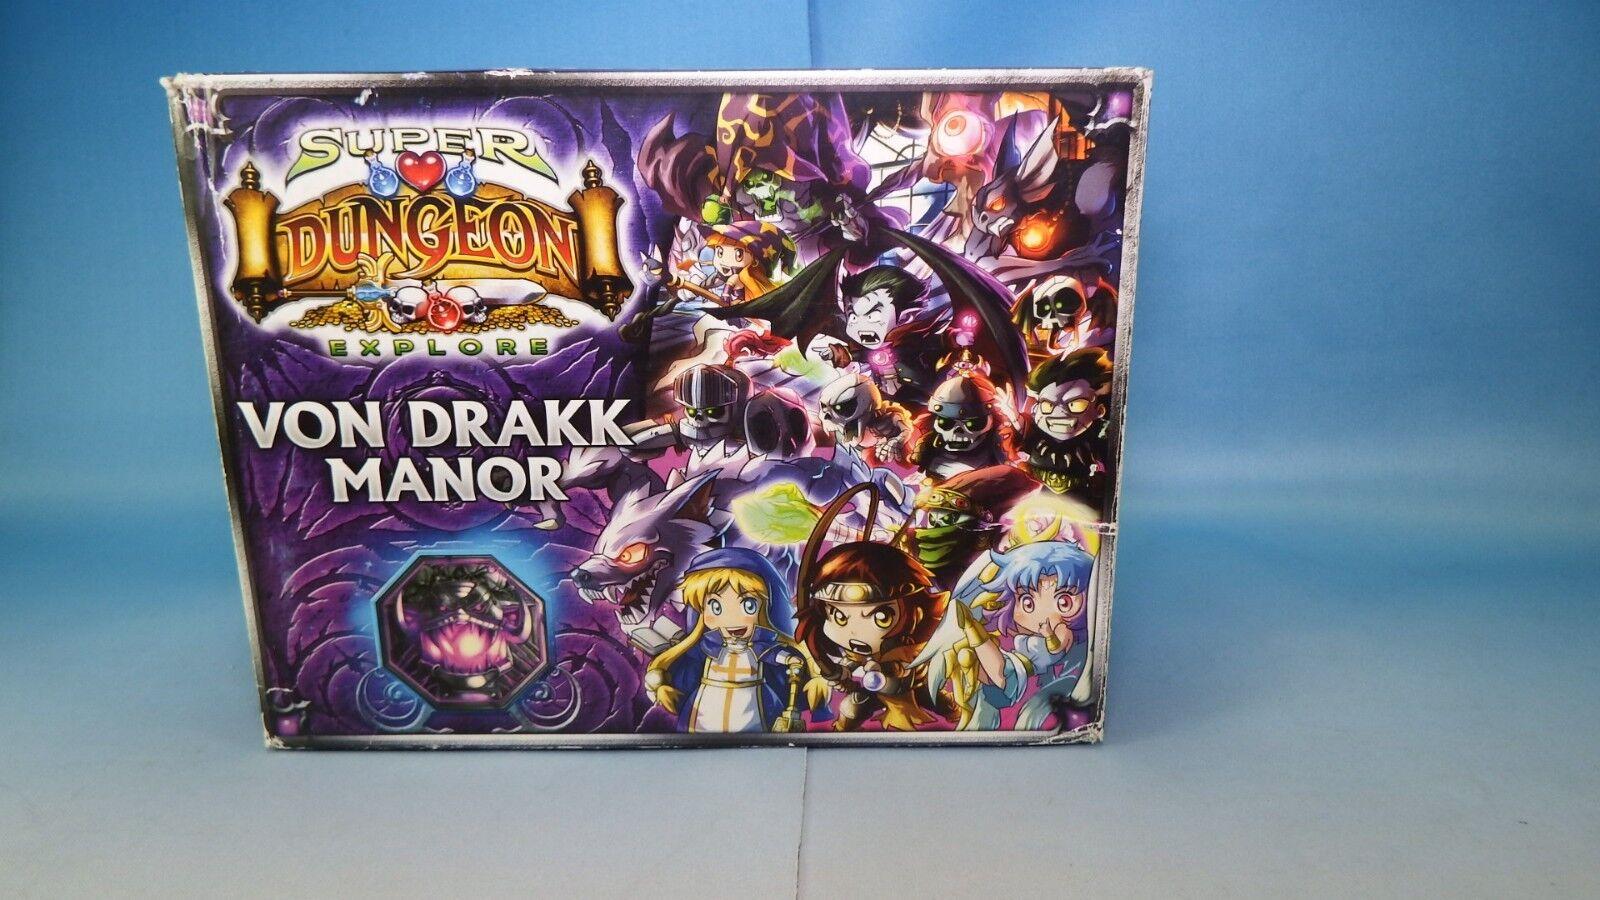 Super Dungeon Explore Von Drakk Manor w Extra Miniatures 1st 2nd Edition CGNT DM